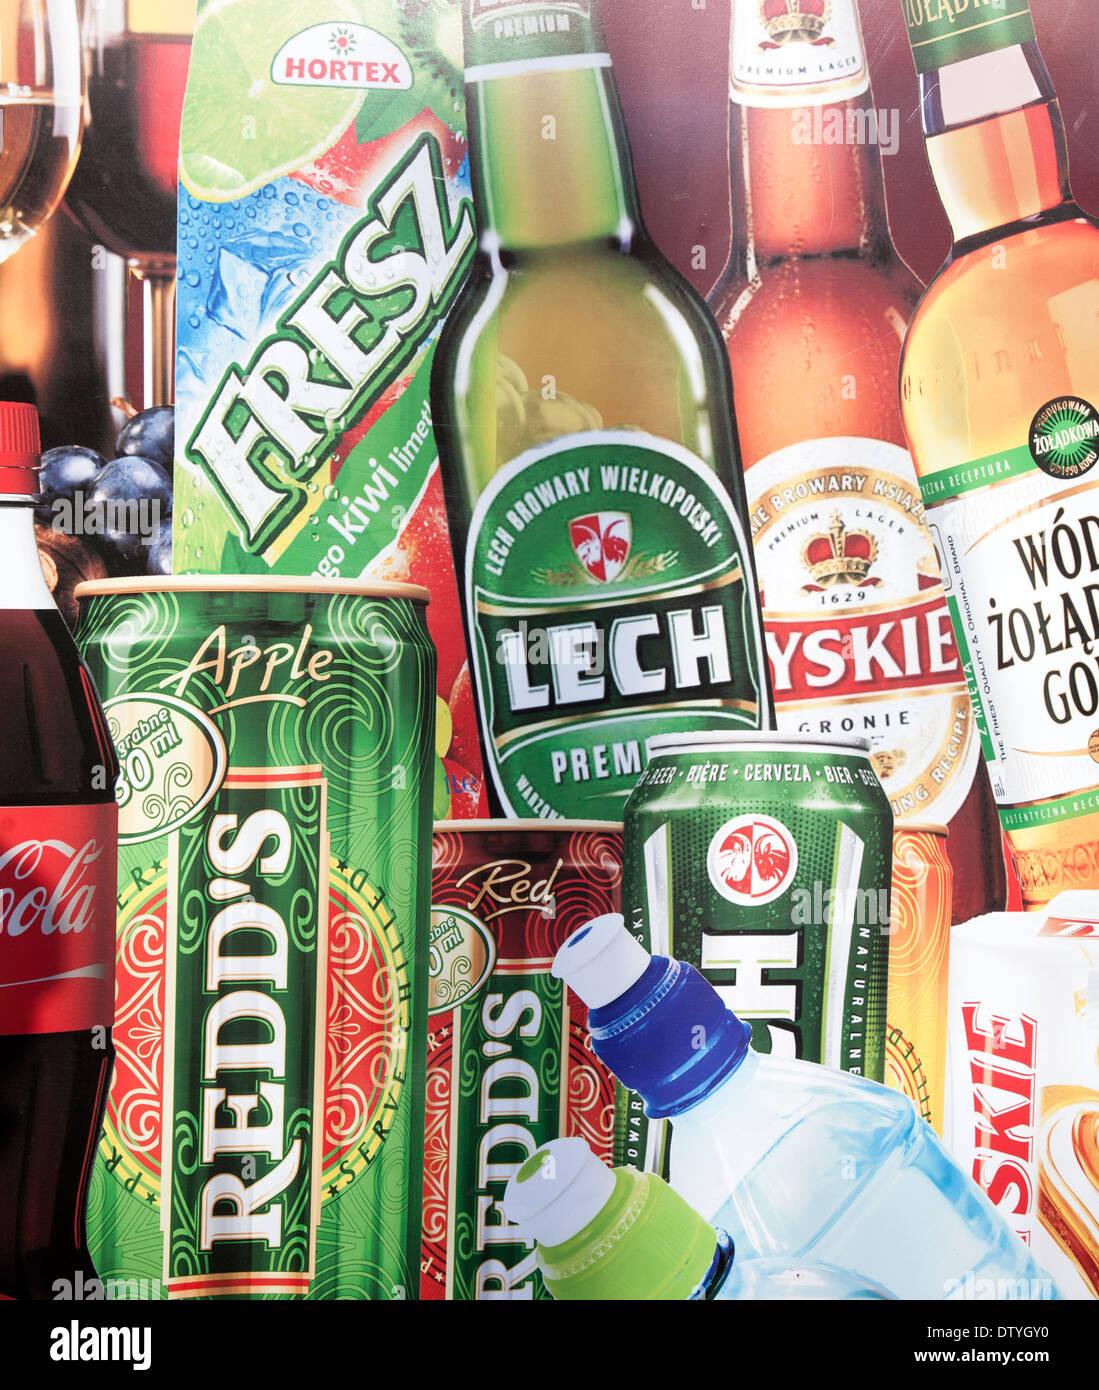 No Adverts Imágenes De Stock & No Adverts Fotos De Stock - Alamy